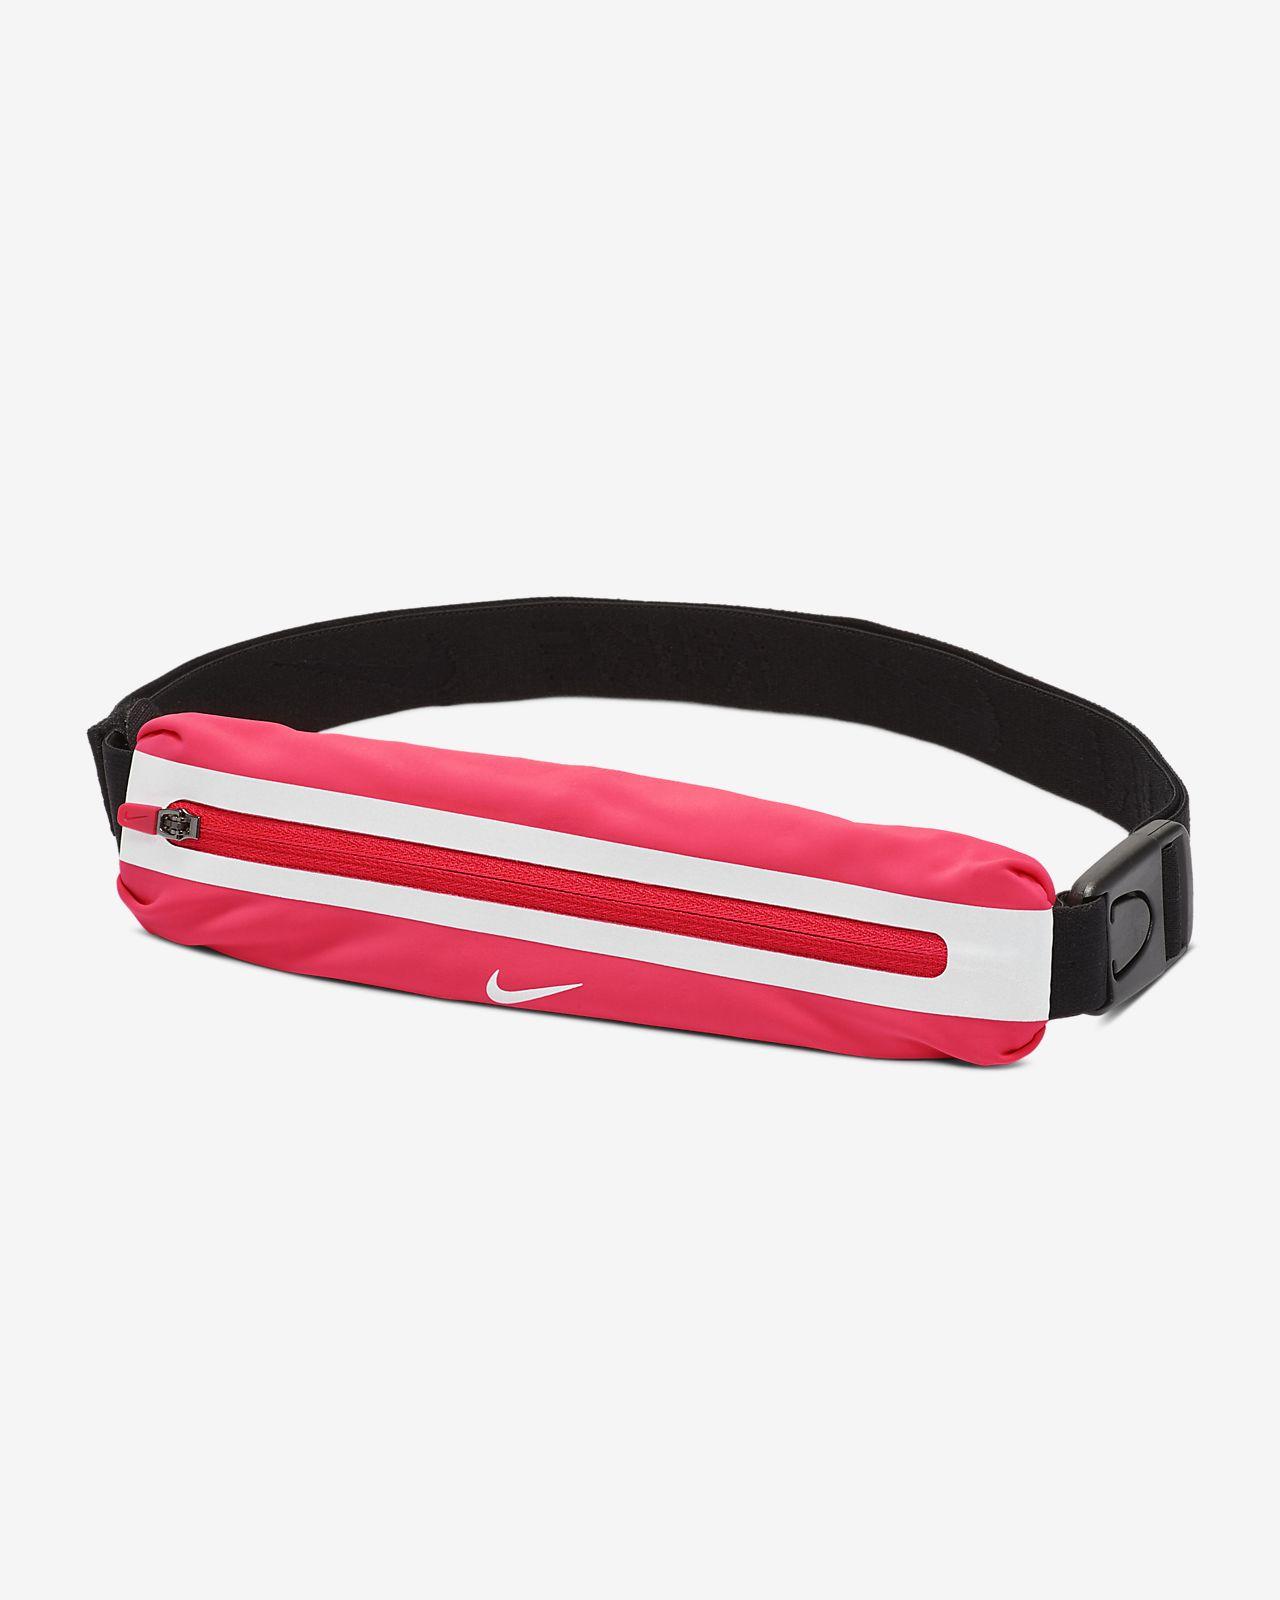 Zeštíhlená ledvinka Nike 2.0